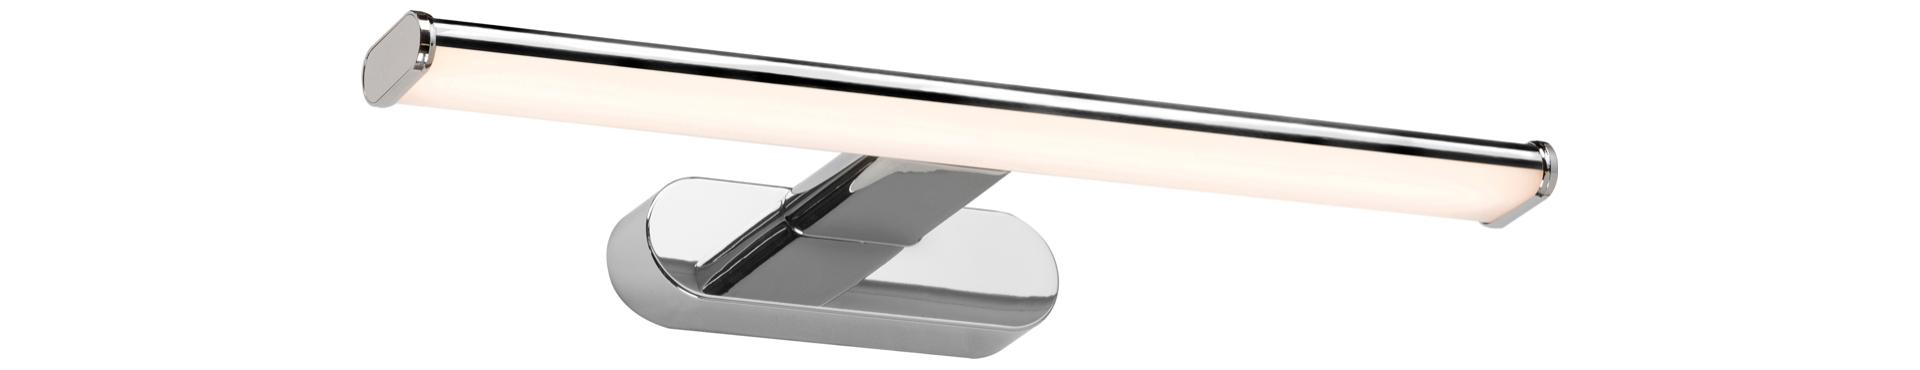 Bordlamper og væglamper - Køb ny væglampe eller bordlampe her